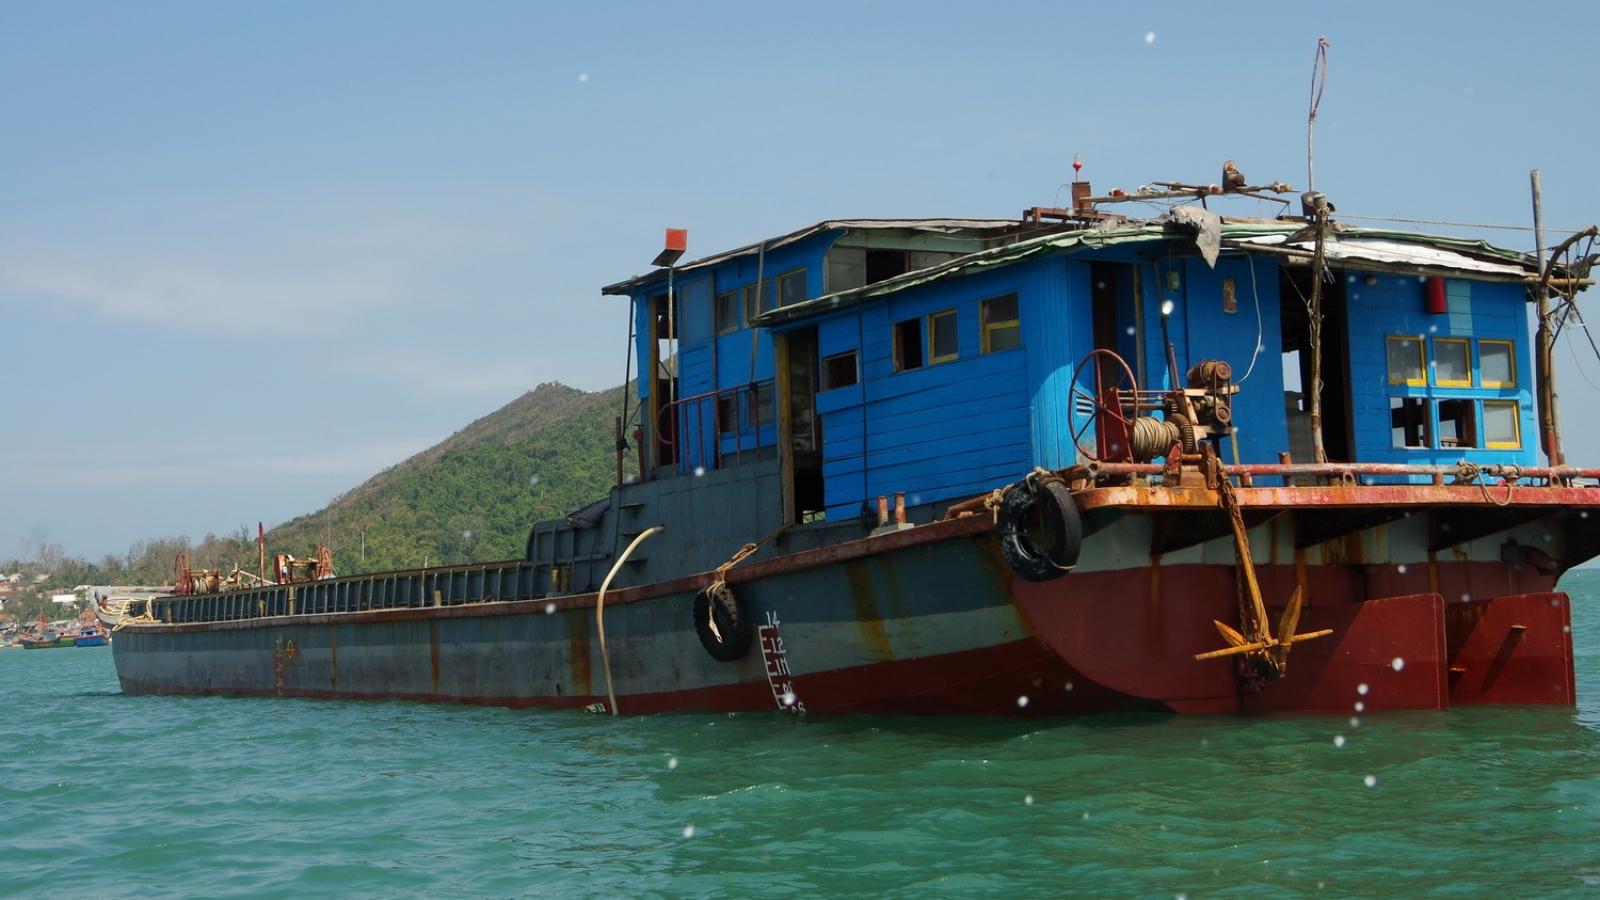 Ngư dân Bình Định phát hiện tàu hàng vô chủ trôi dạt trên biển